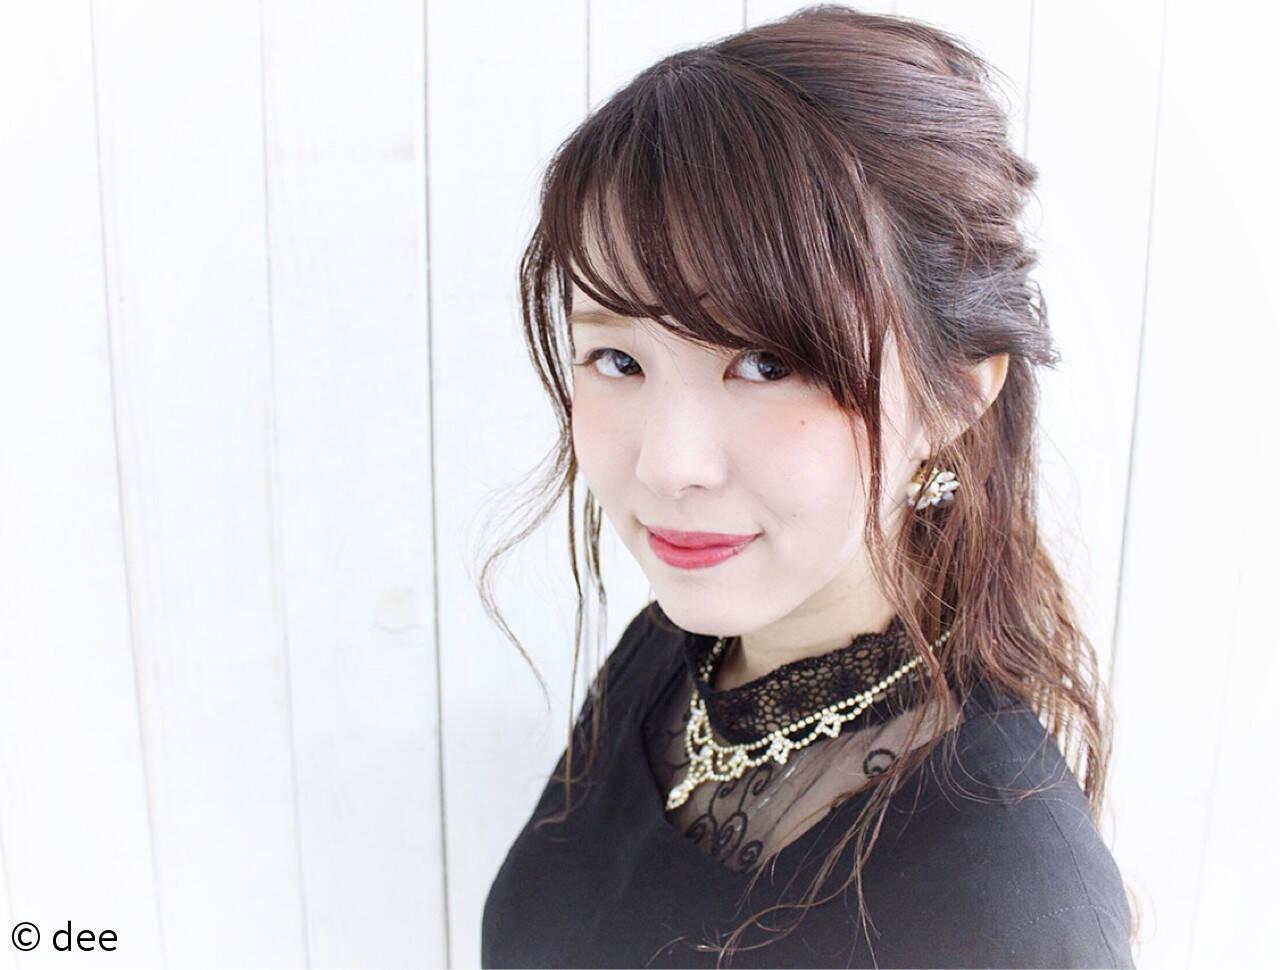 ハーフアップ ロング ヘアピン ヘアアレンジヘアスタイルや髪型の写真・画像